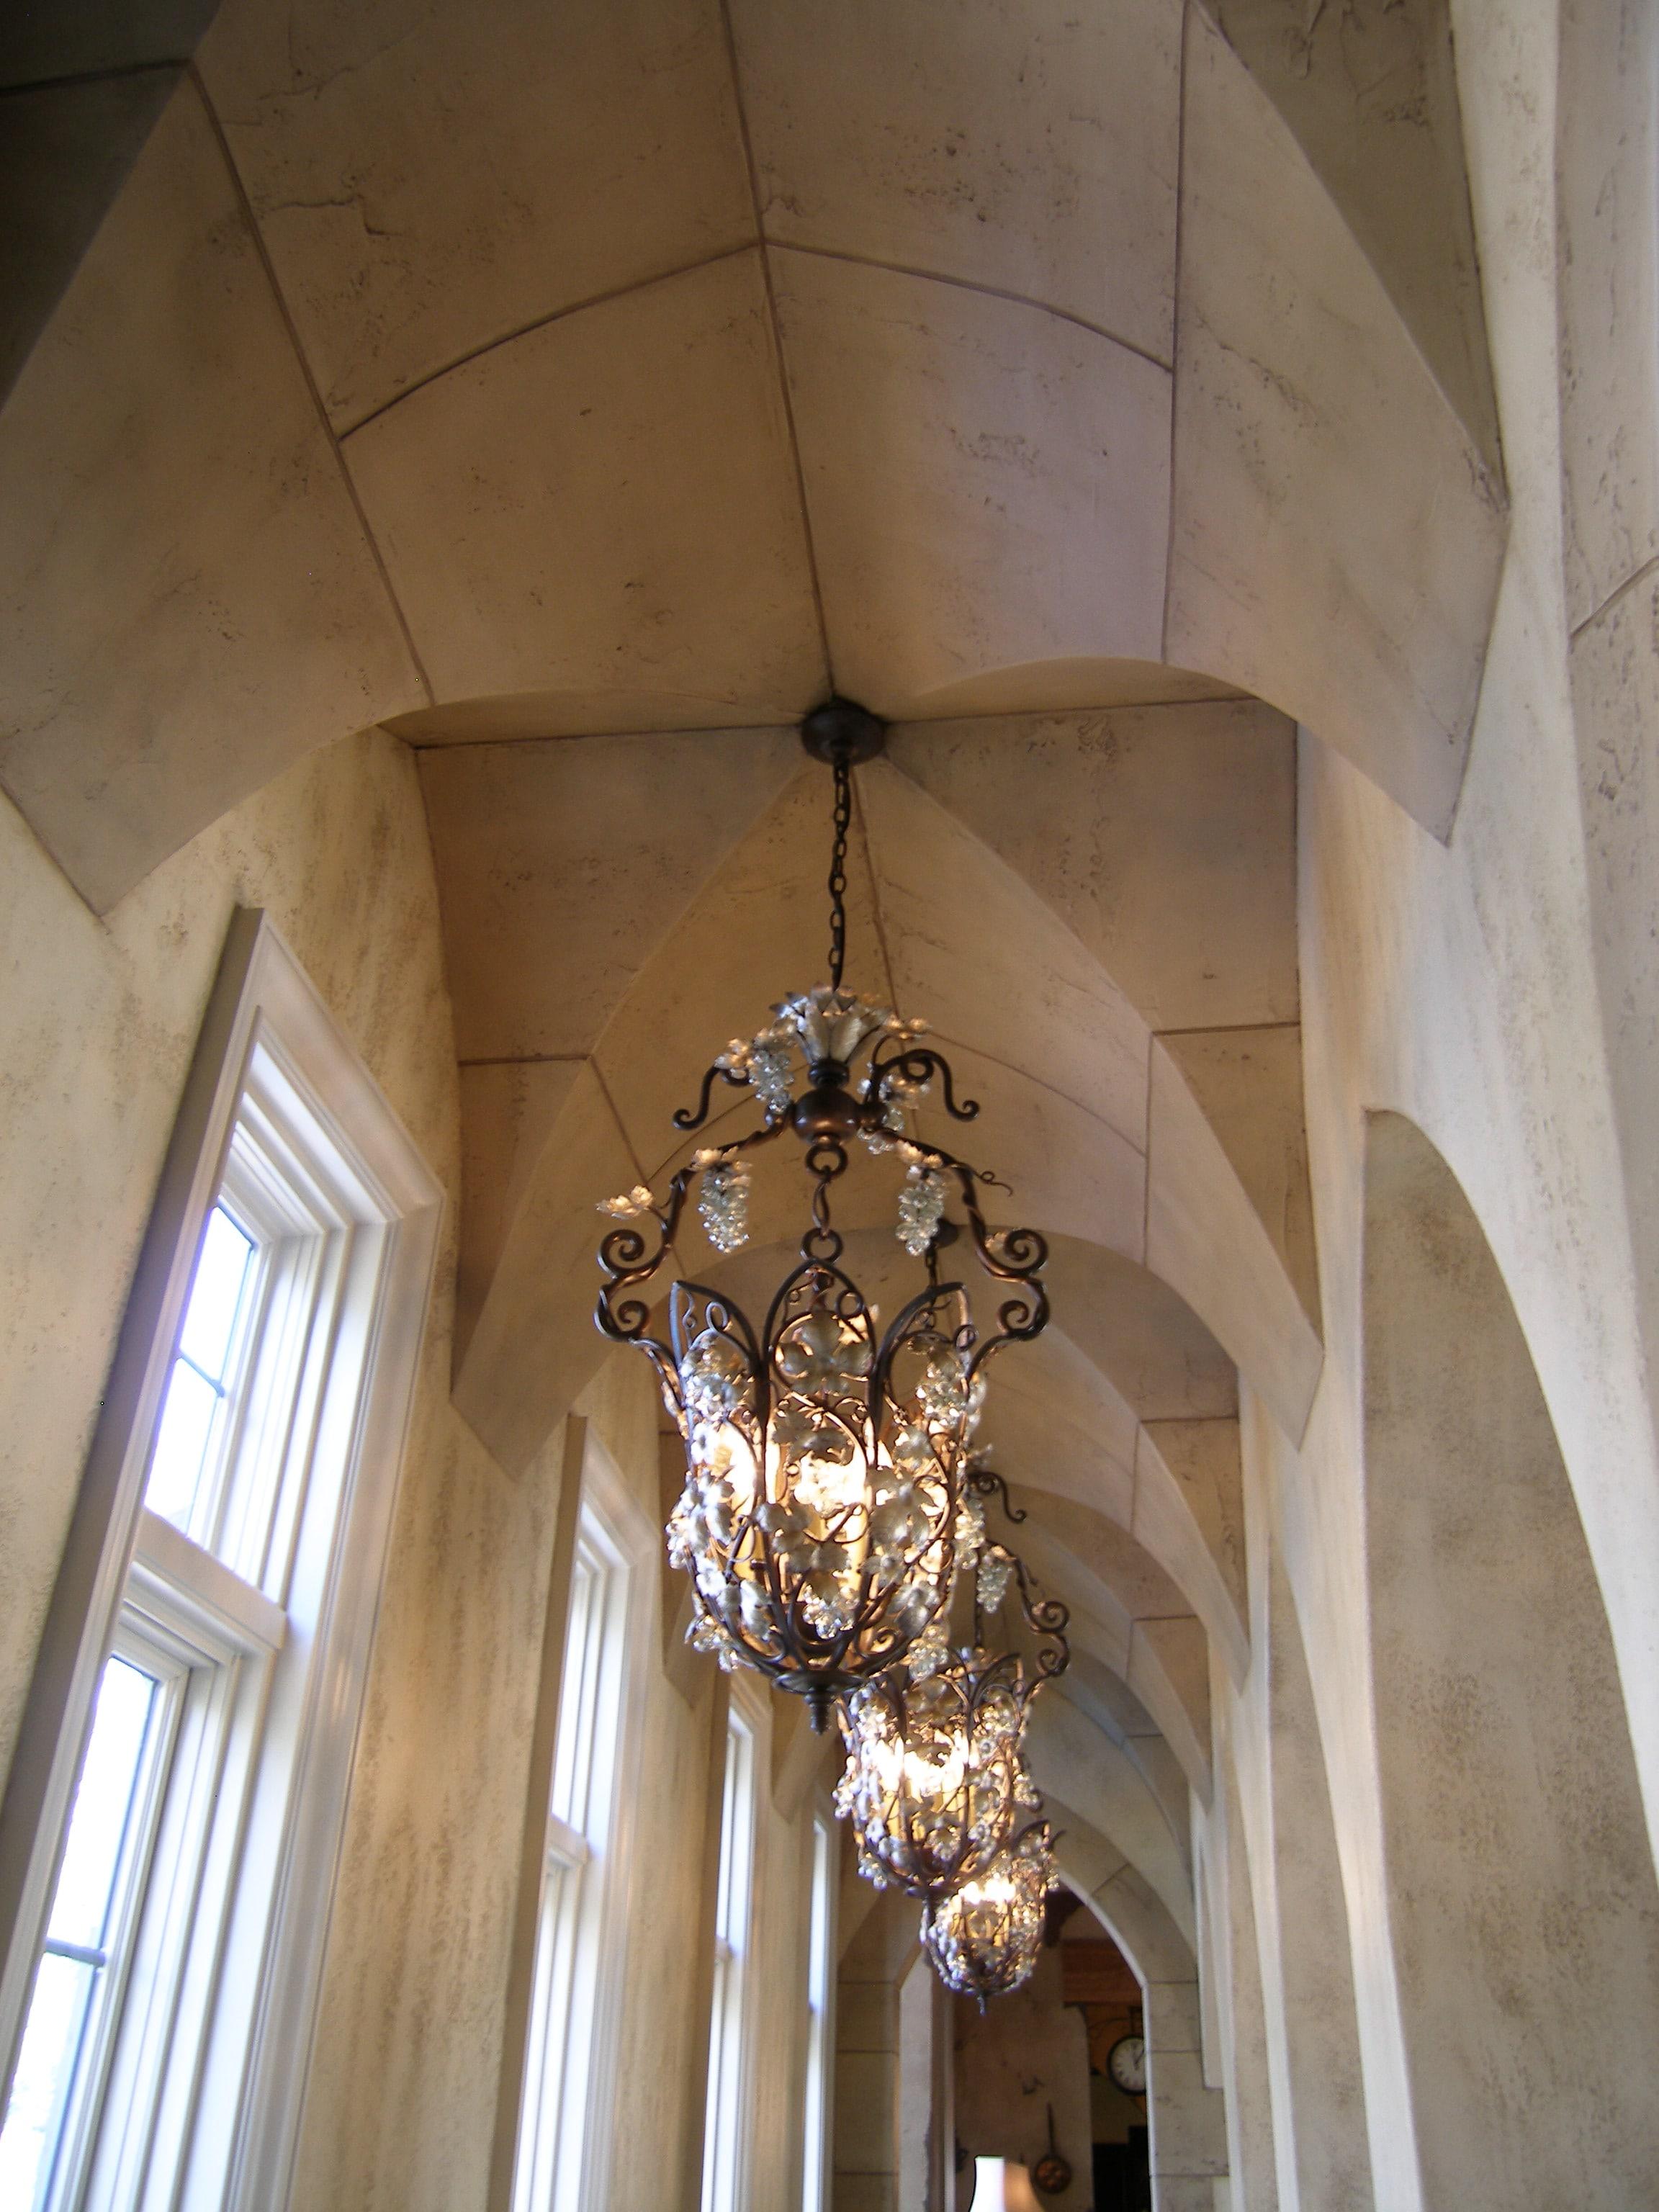 Gorgeous groin vault ceiling down the main floor hallway.